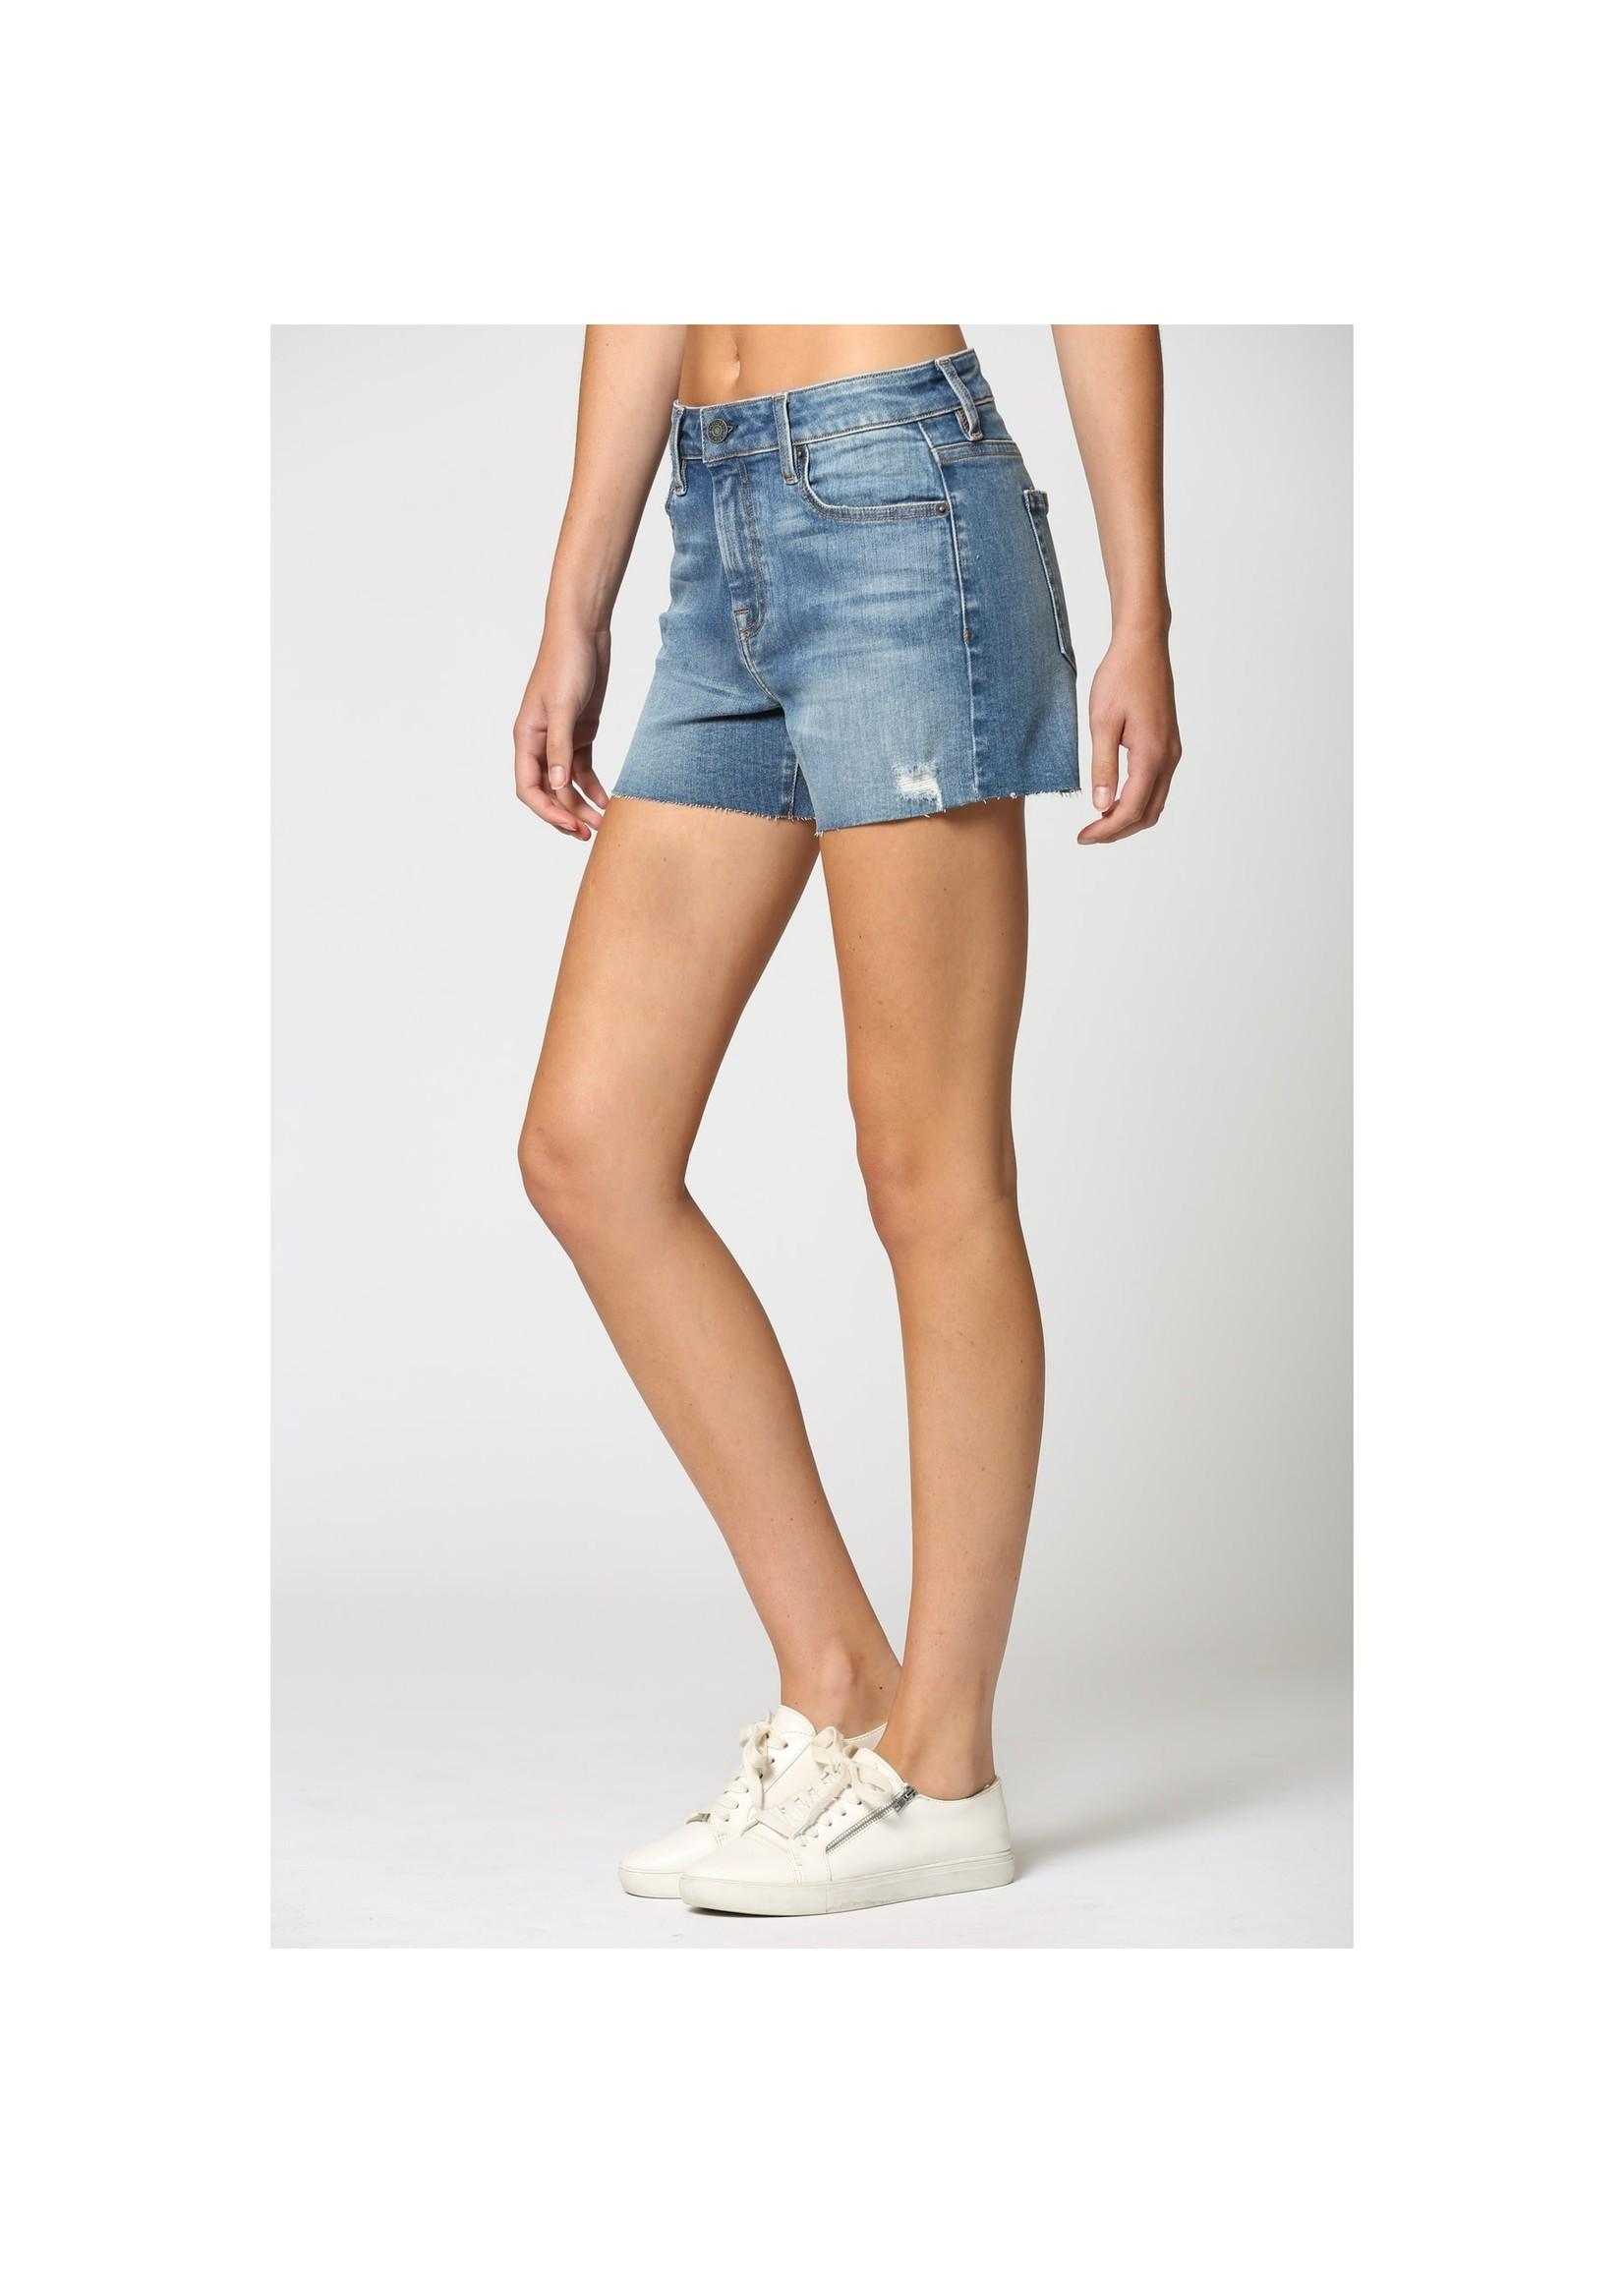 Hidden Jean Medium Wash Raw Hem Stretch Shorts